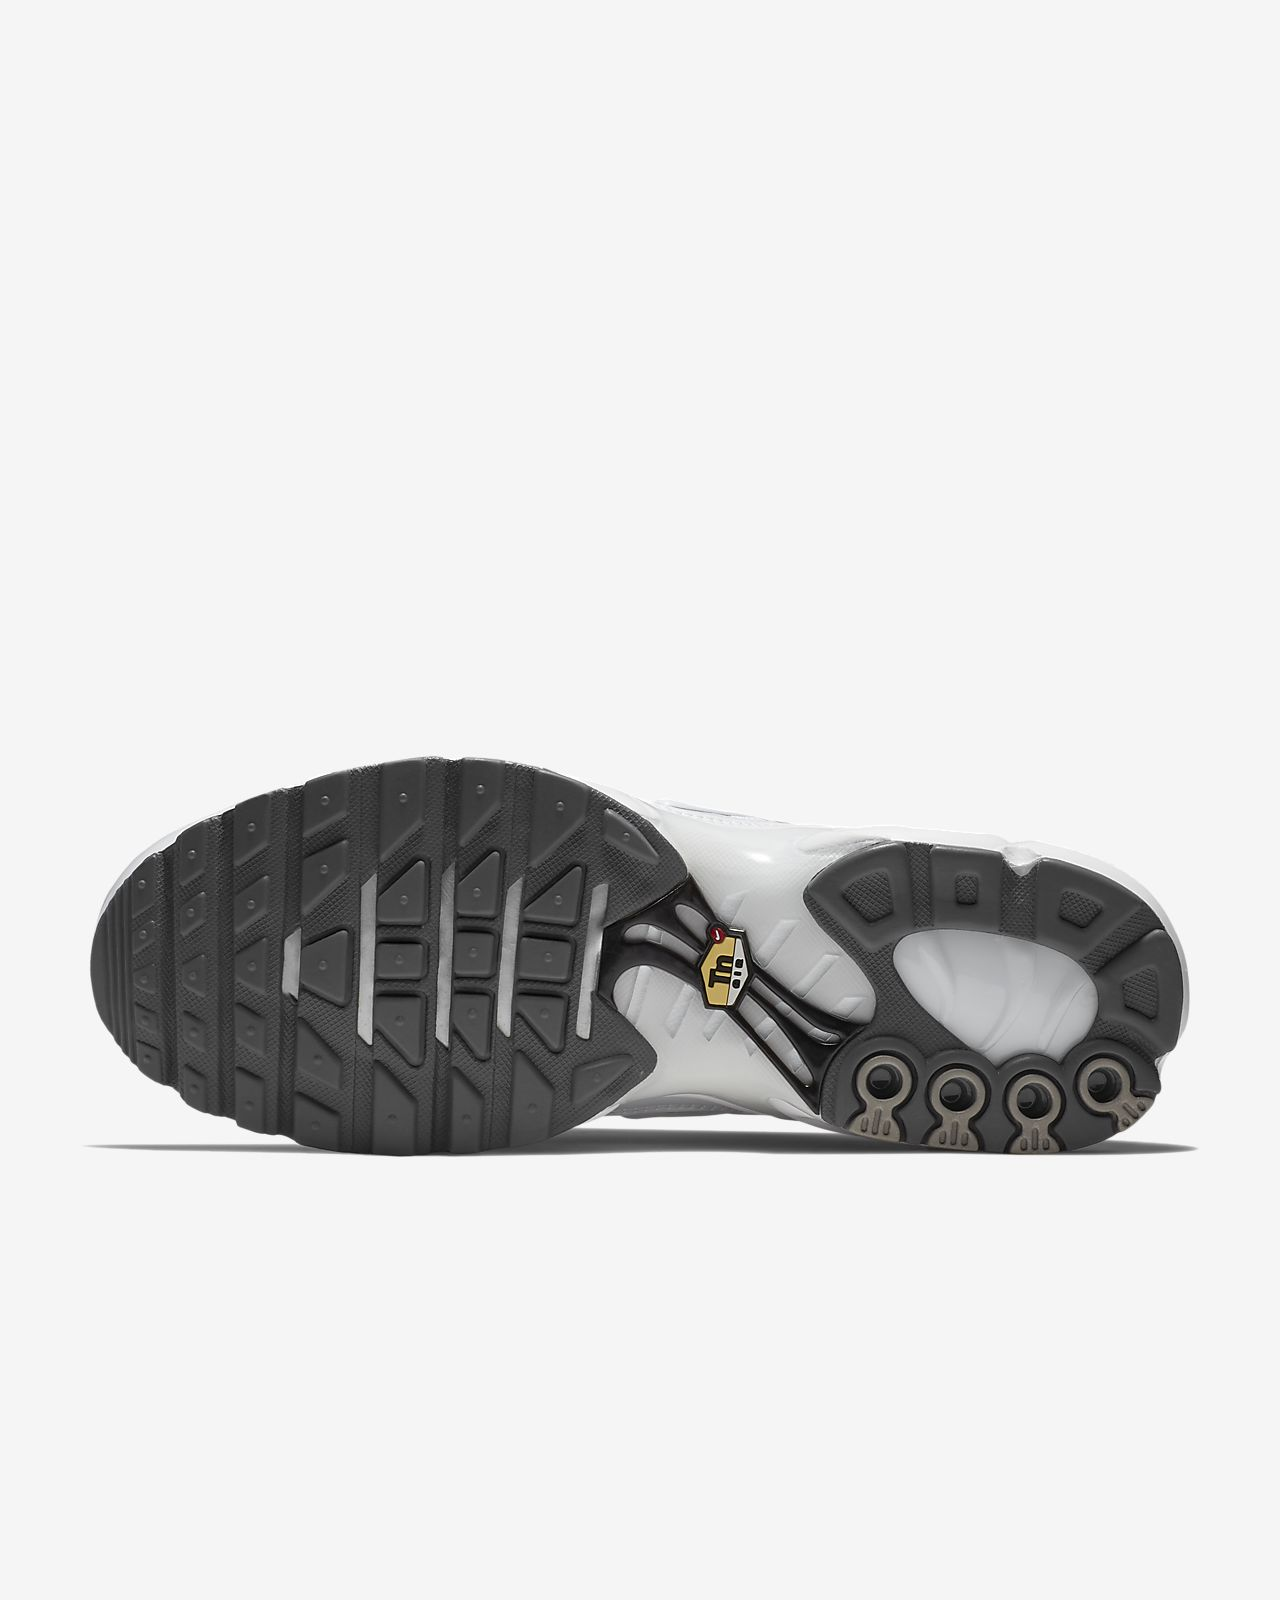 cc5e038ecd Nike Air Max Plus Men's Shoe. Nike.com NO